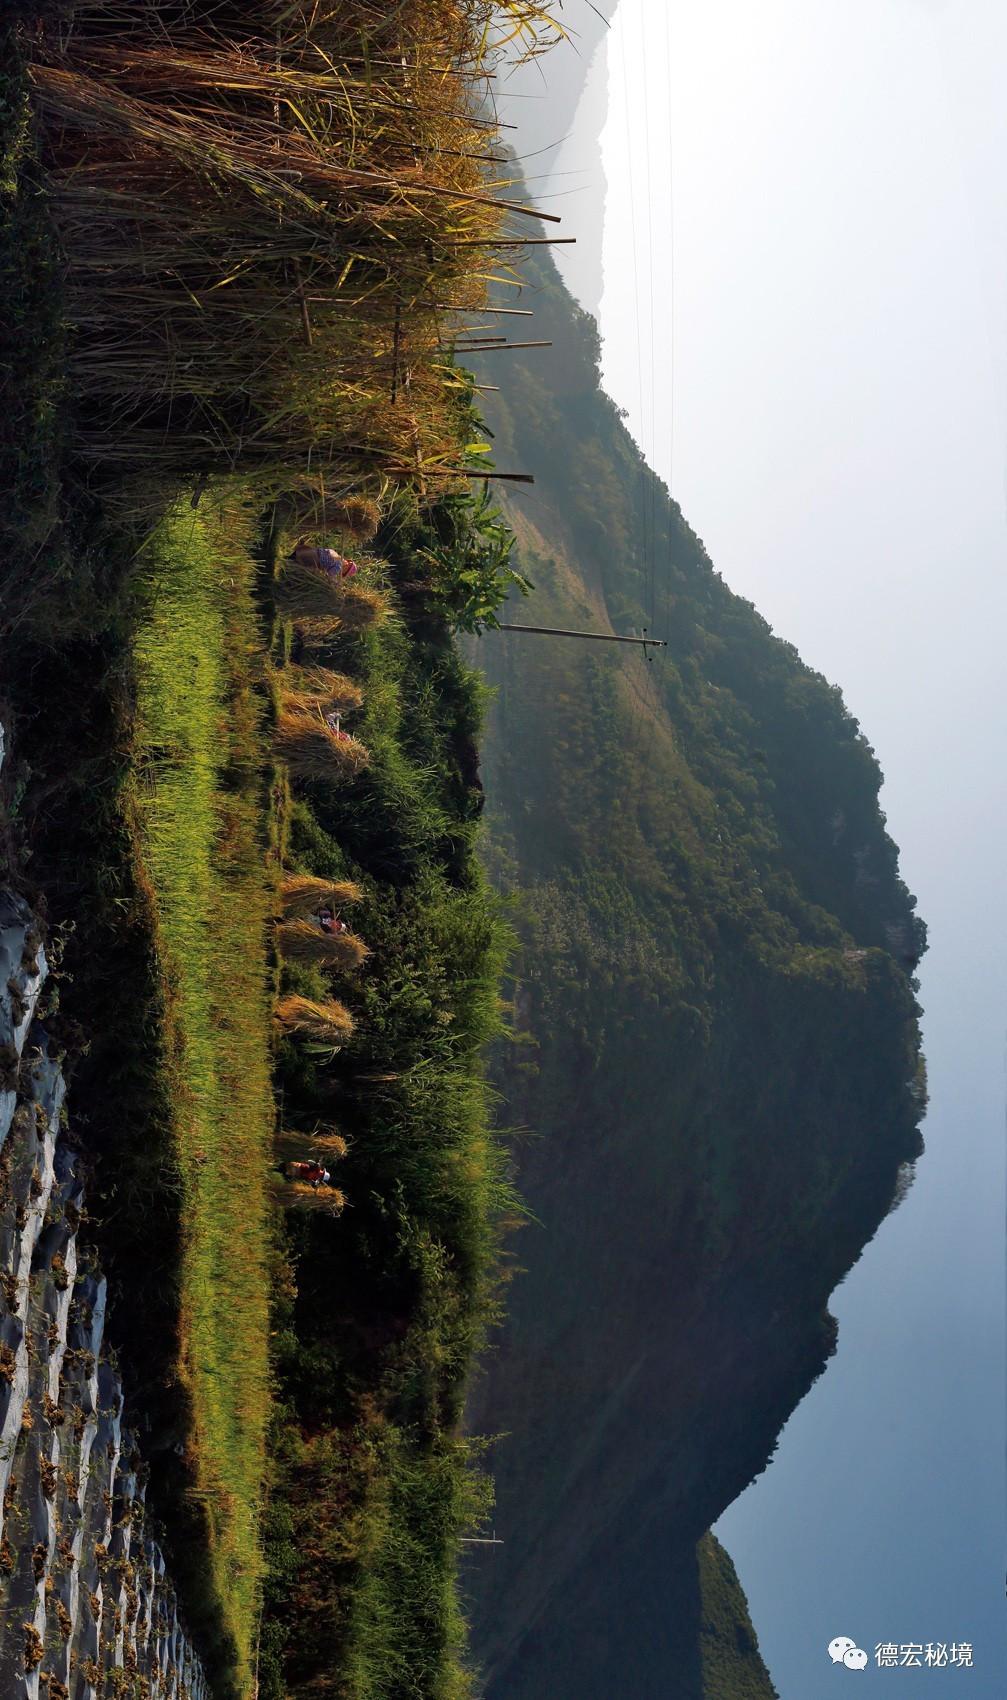 金秋十月,十里稻香,这些农村收稻谷的场景你还记... _网易新闻